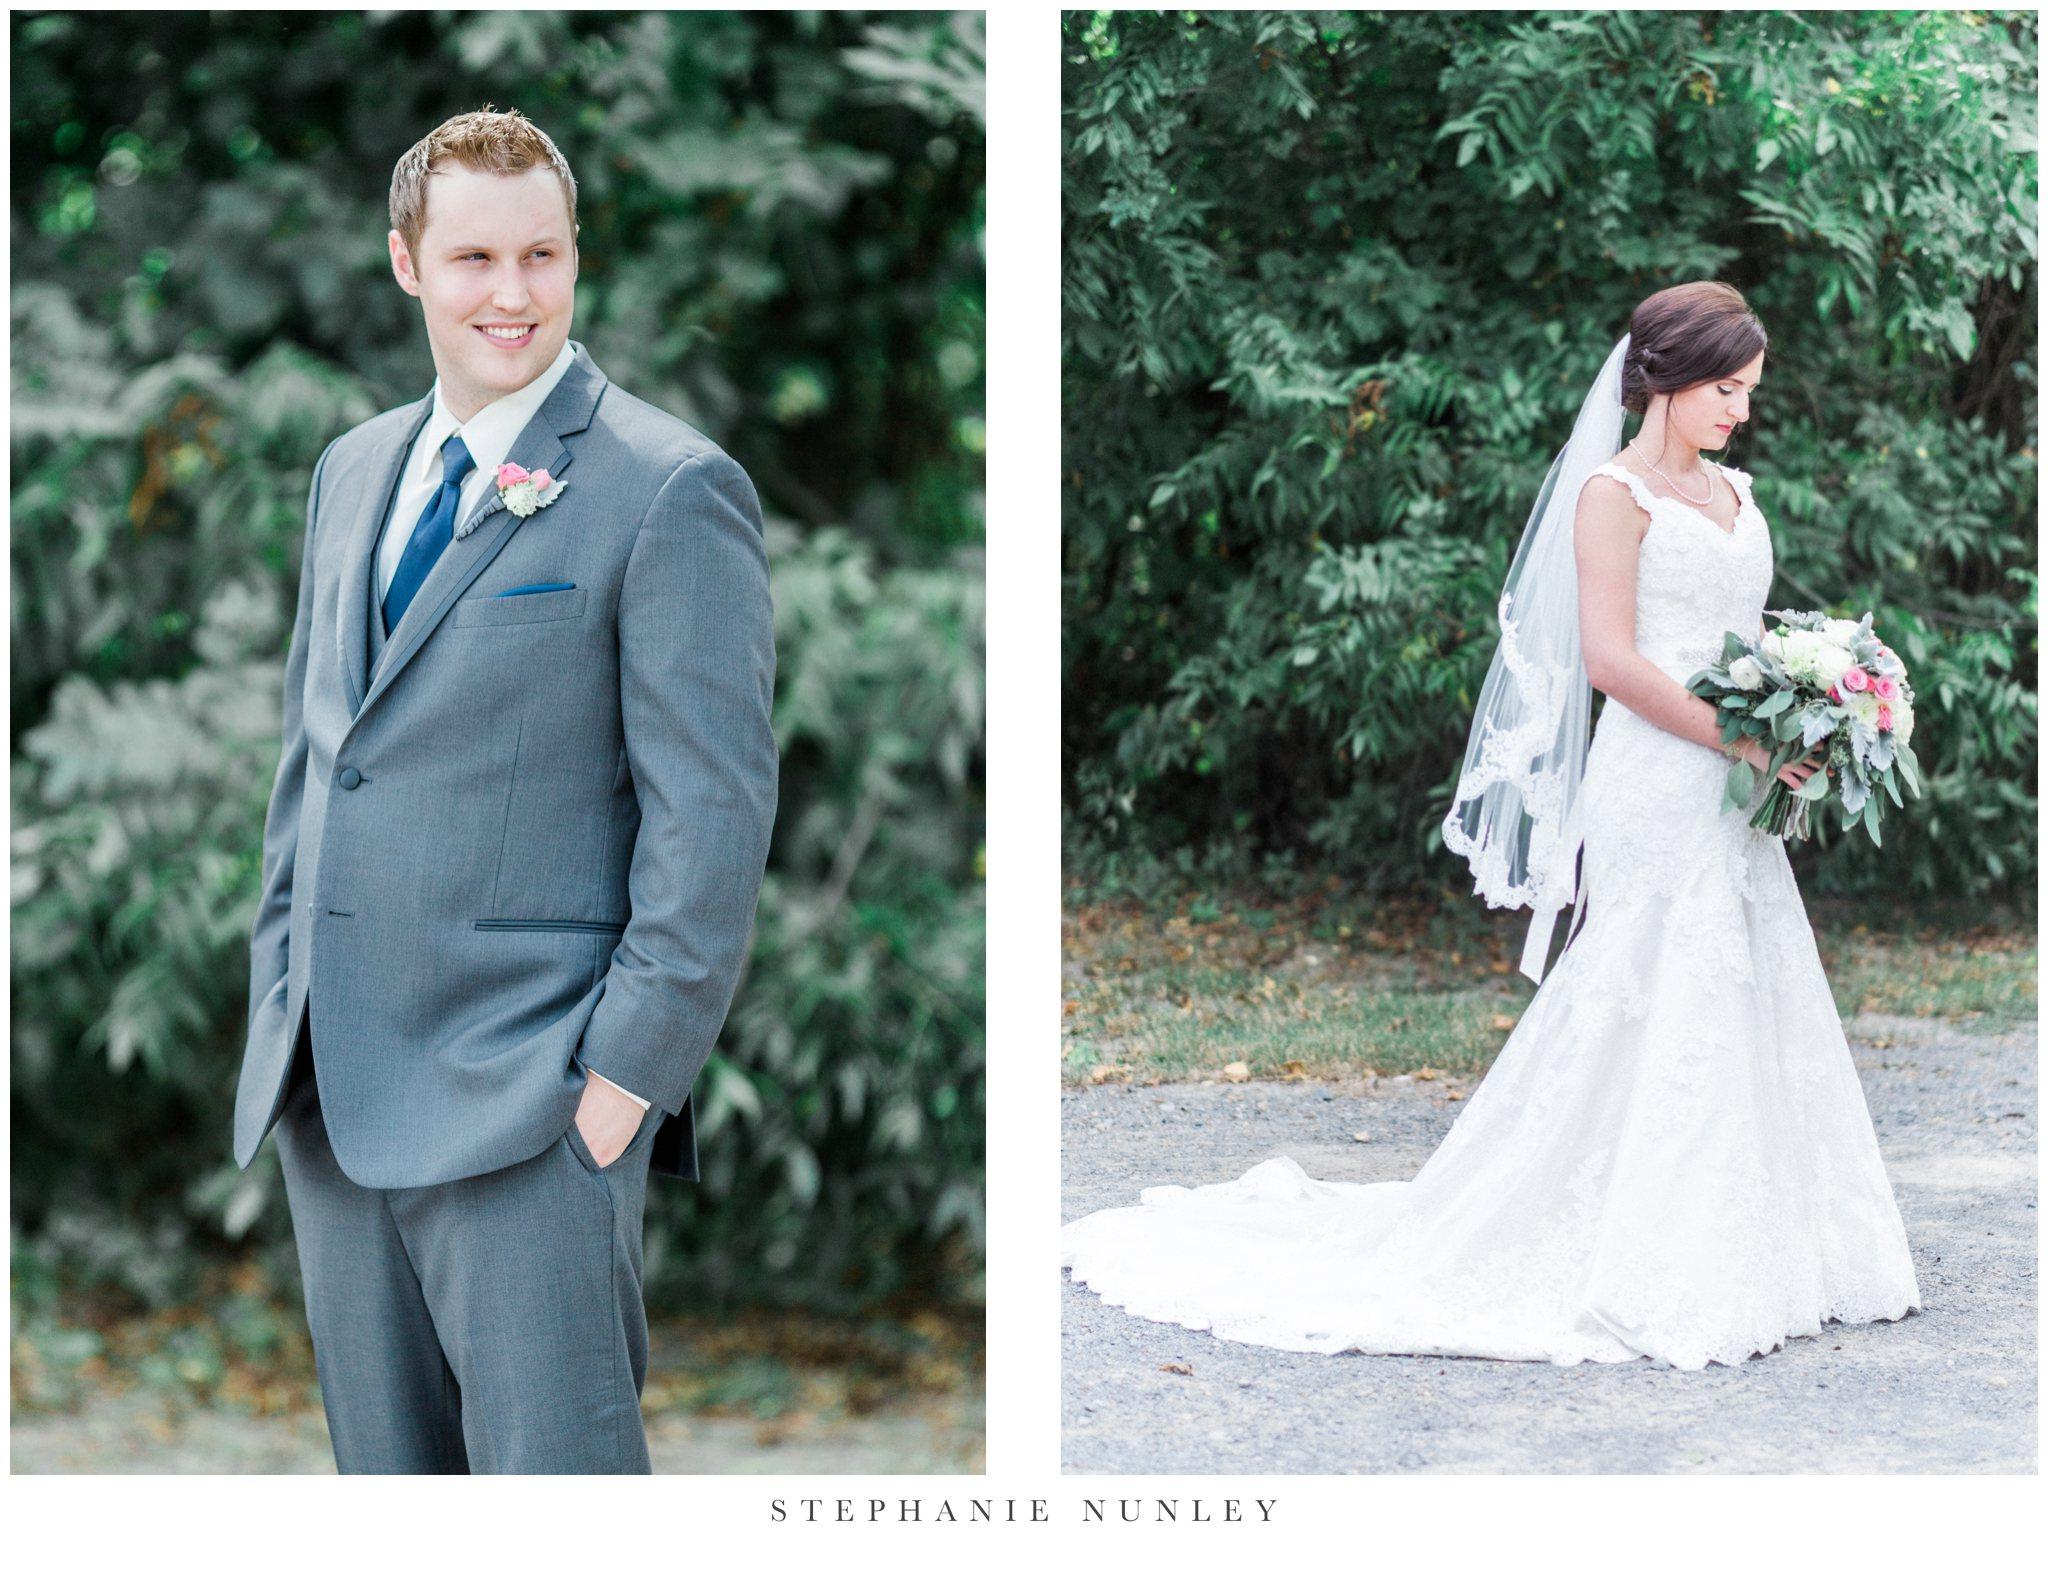 arkansas-outdoor-film-inspired-wedding-0045.jpg